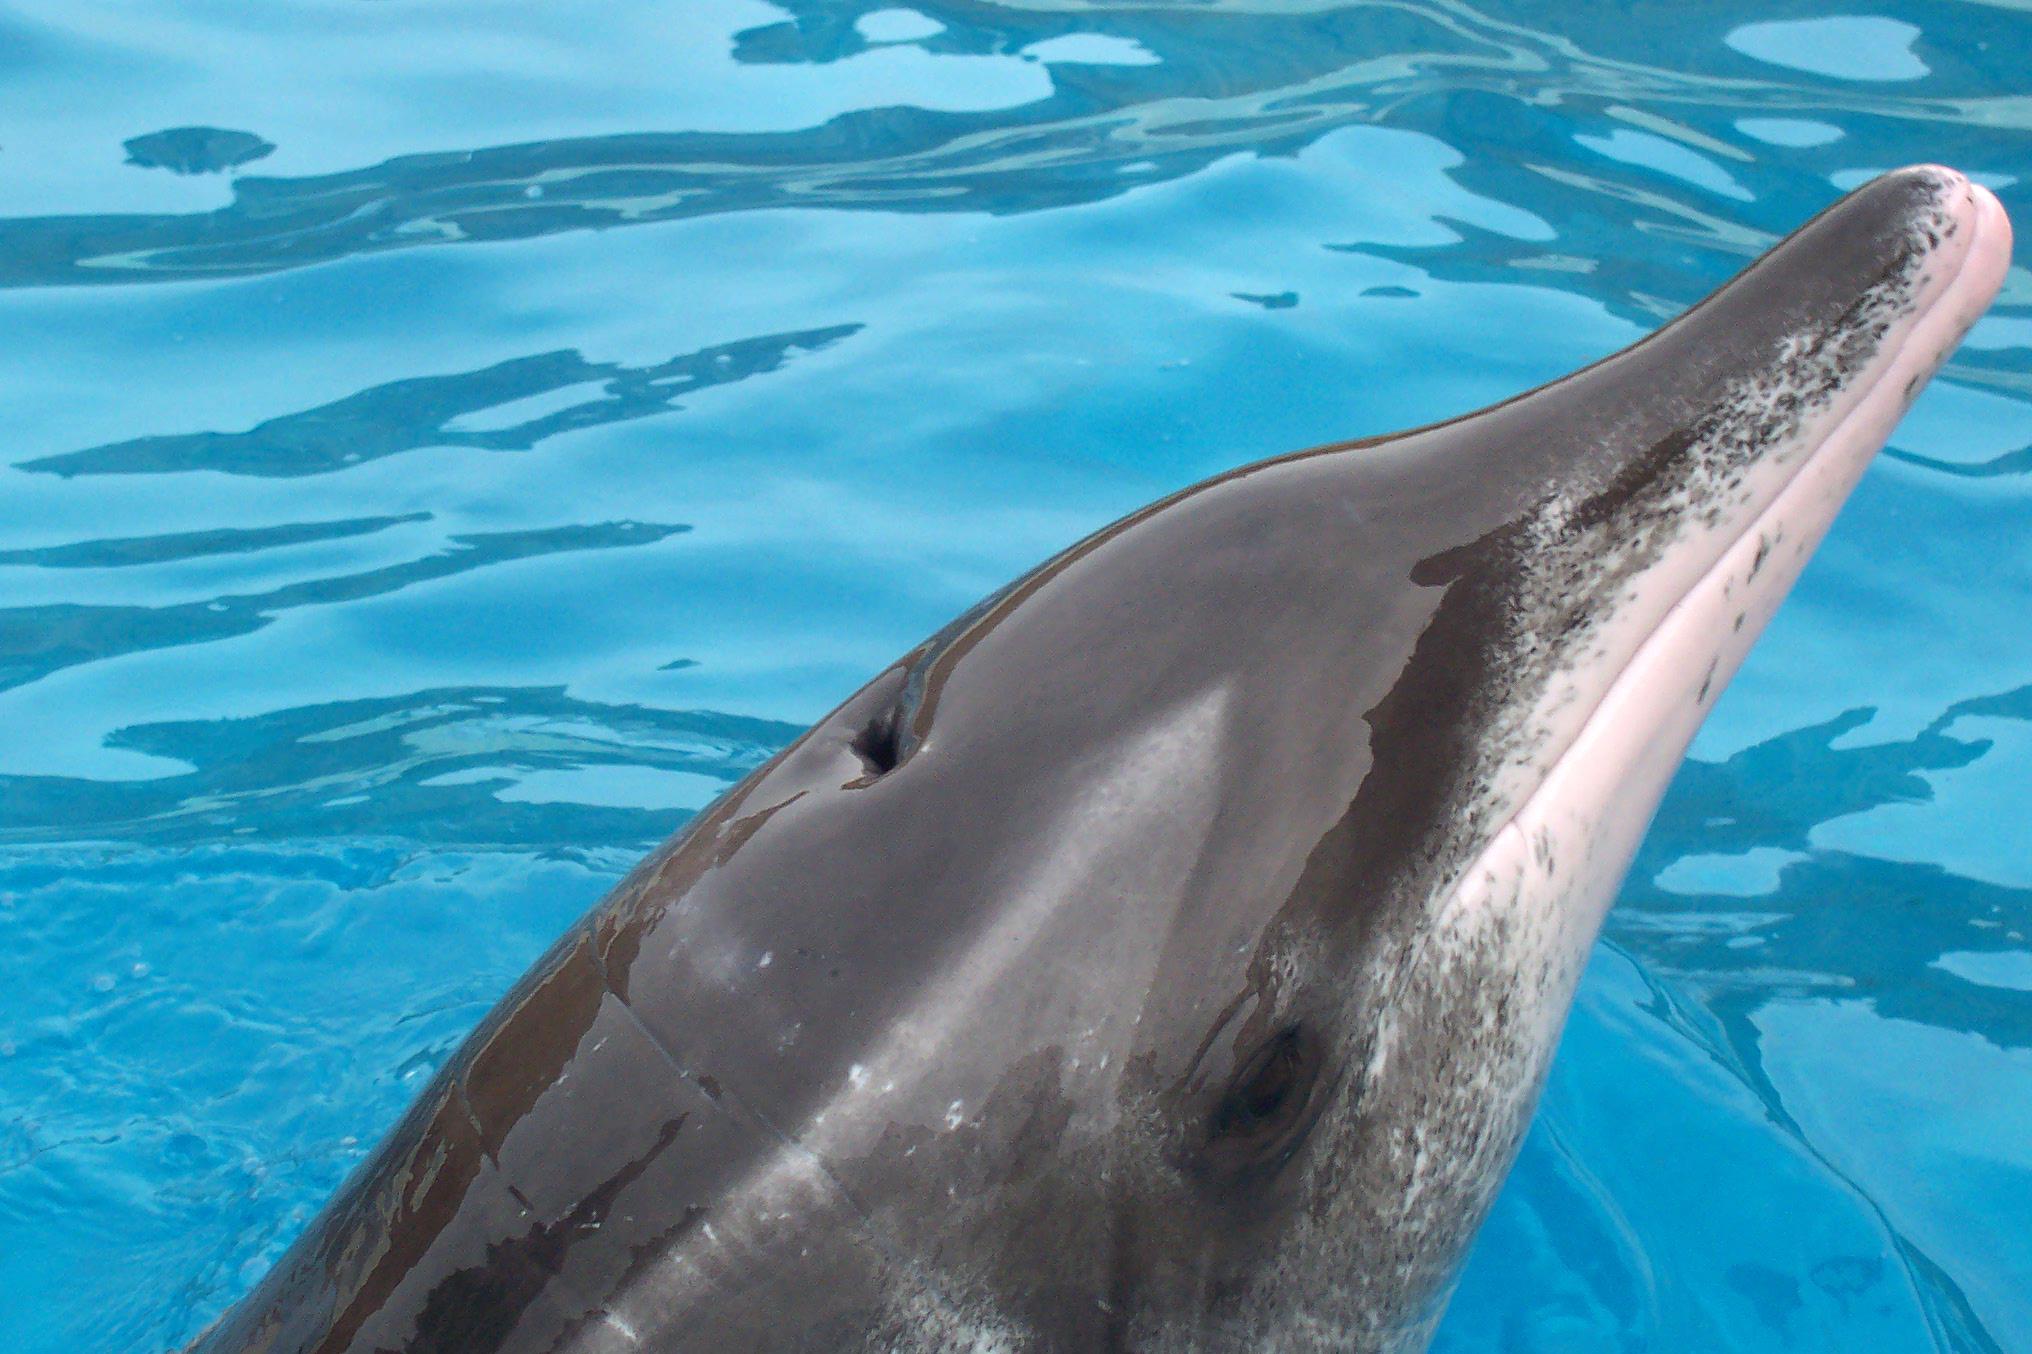 наряд должен фото разновидности дельфинов позволяет снизить расходы